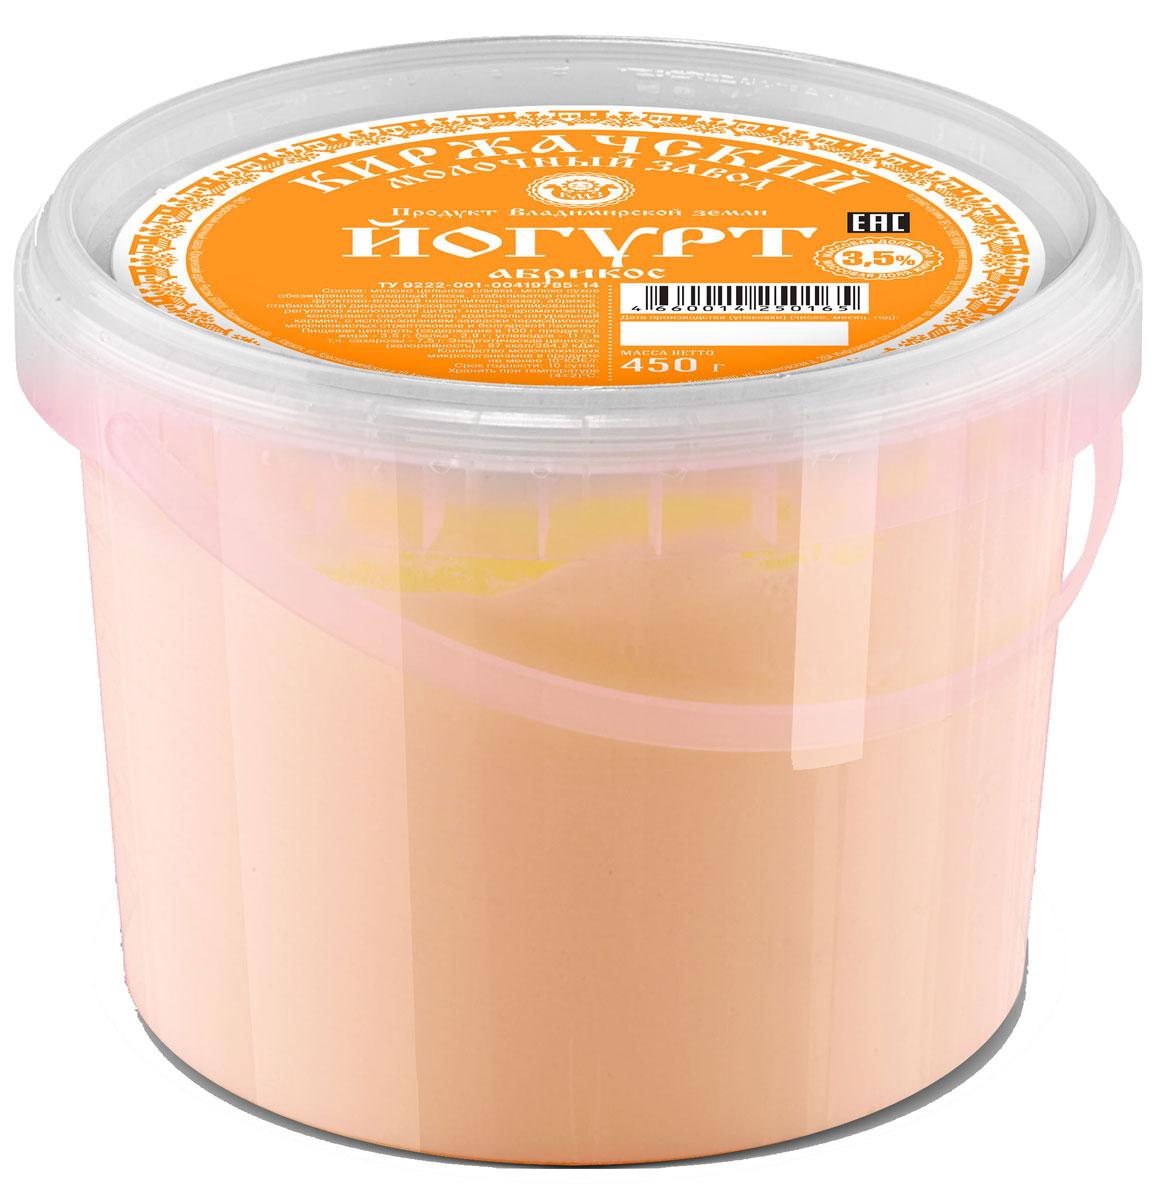 Киржачский МЗ Йогурт Абрикосовый, 3,5% , 450 г киржачский мз йогурт клубника земляника слоеный 130 г